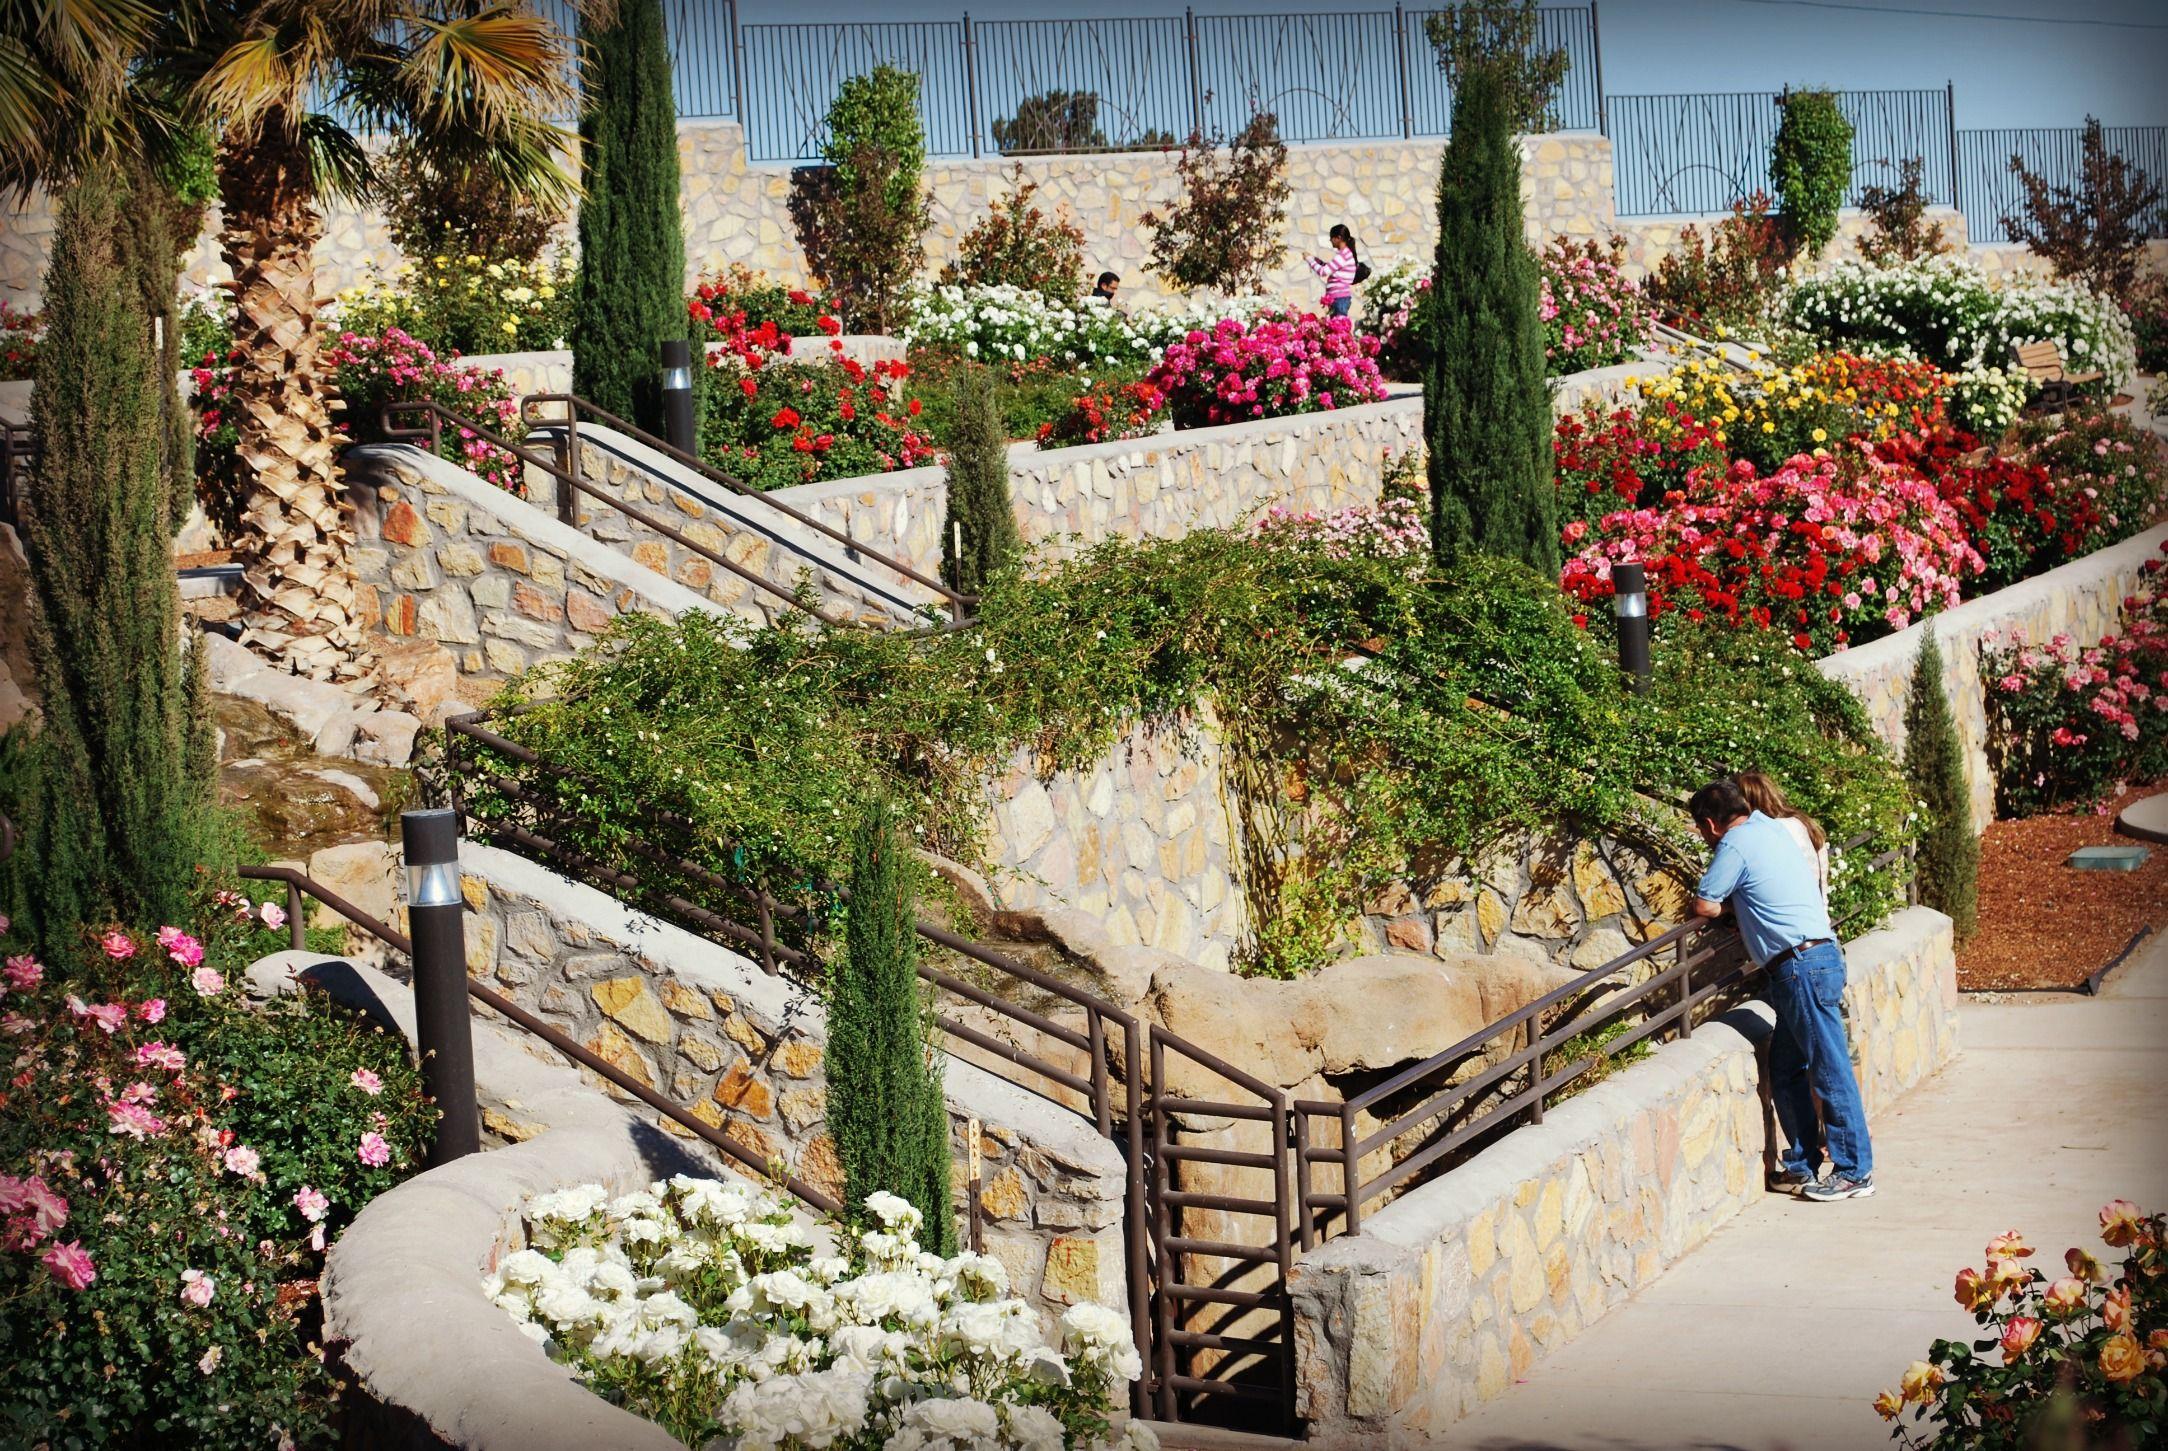 el paso rose garden in el paso tx - The Garden El Paso